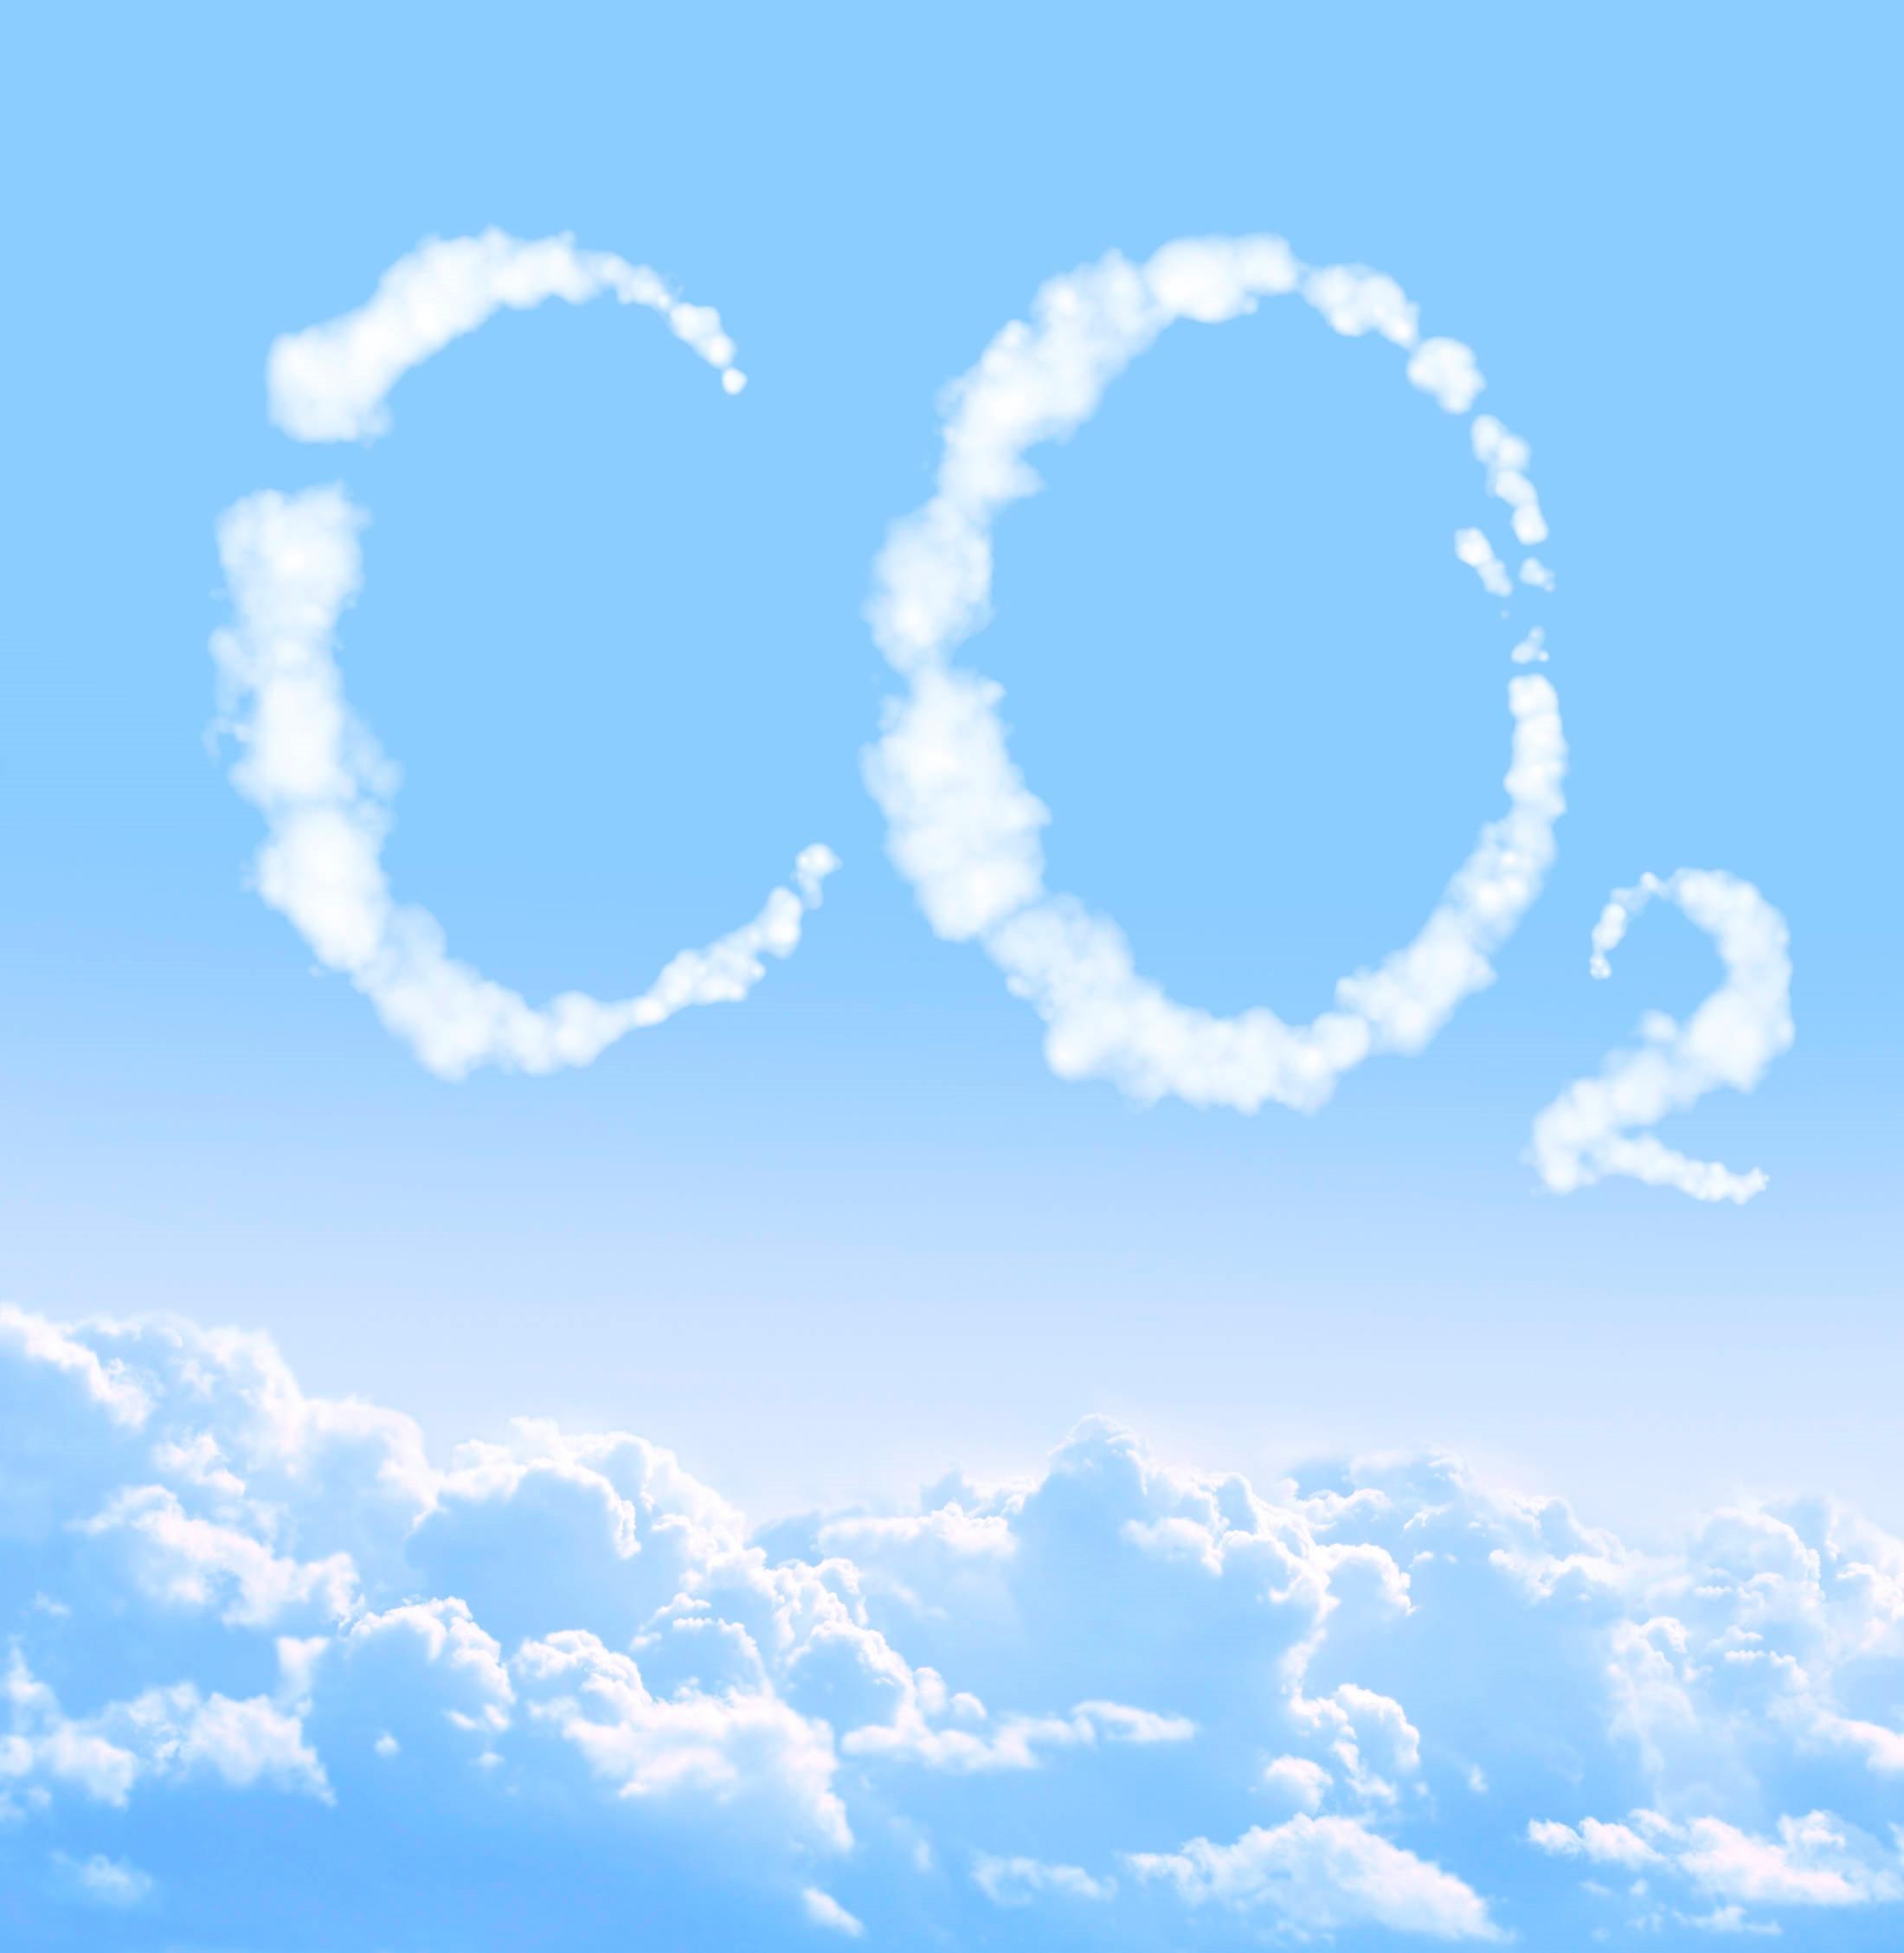 CO2 image in sky.jpg